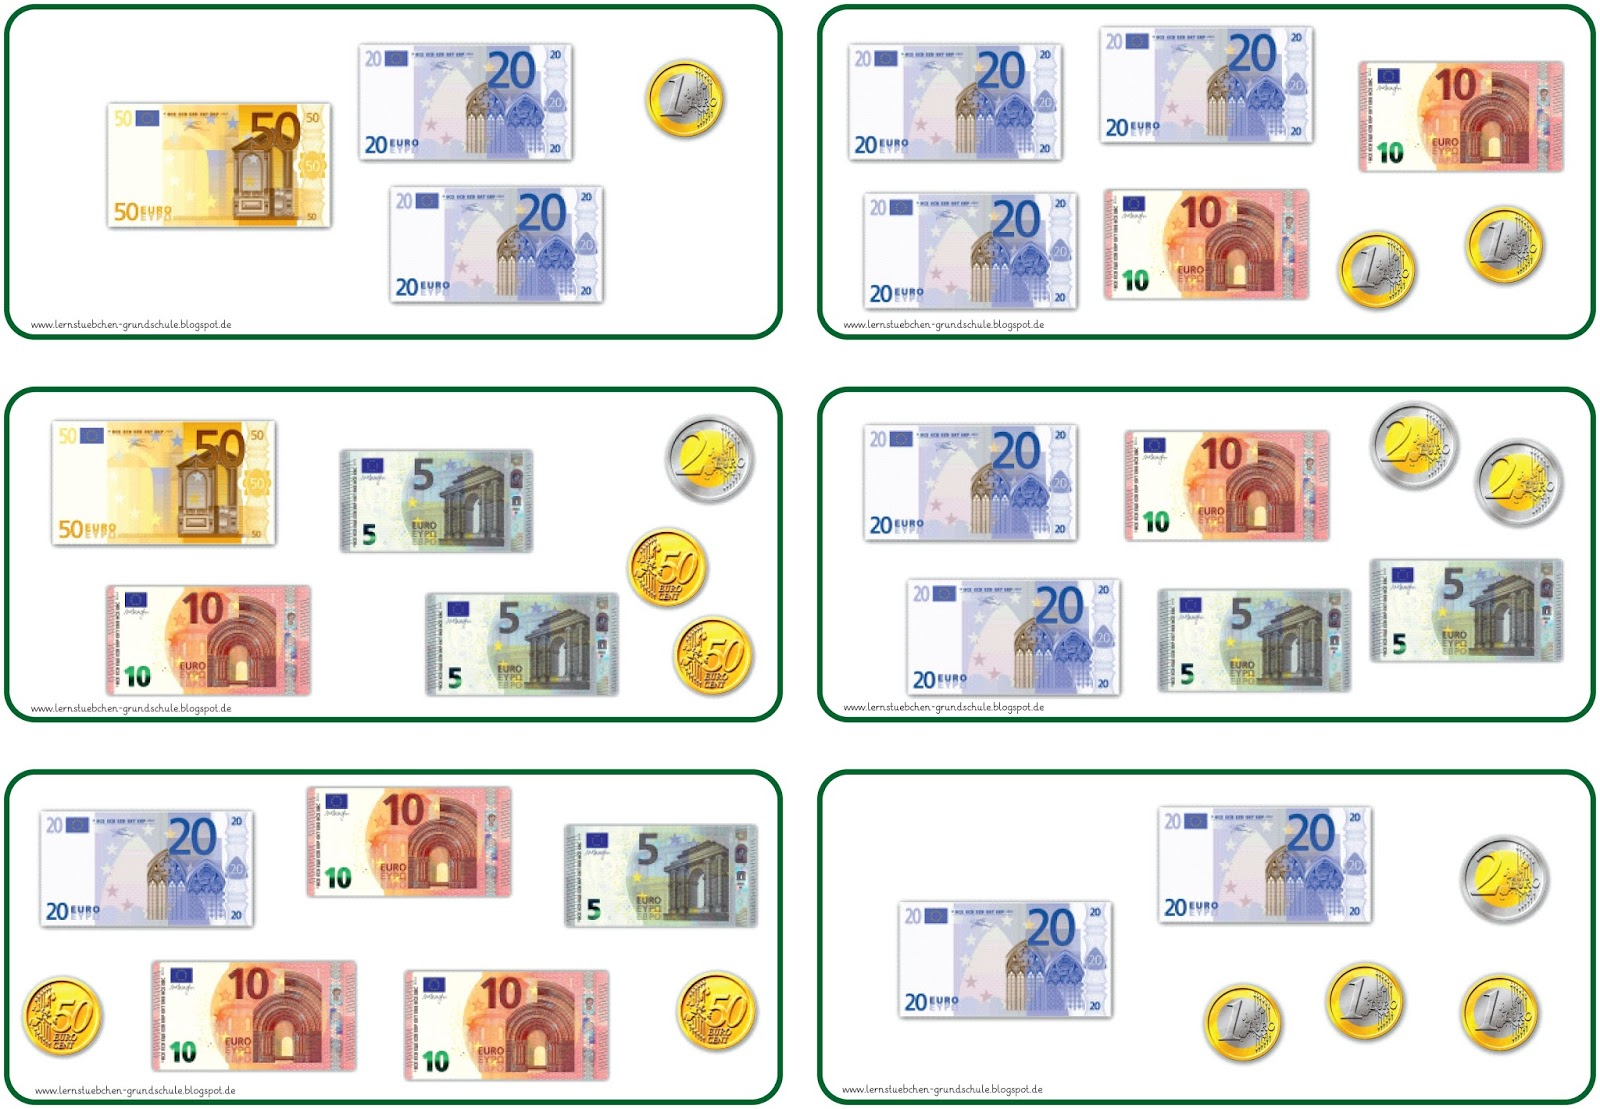 Lernstubchen Geld Zr 100 5 Station